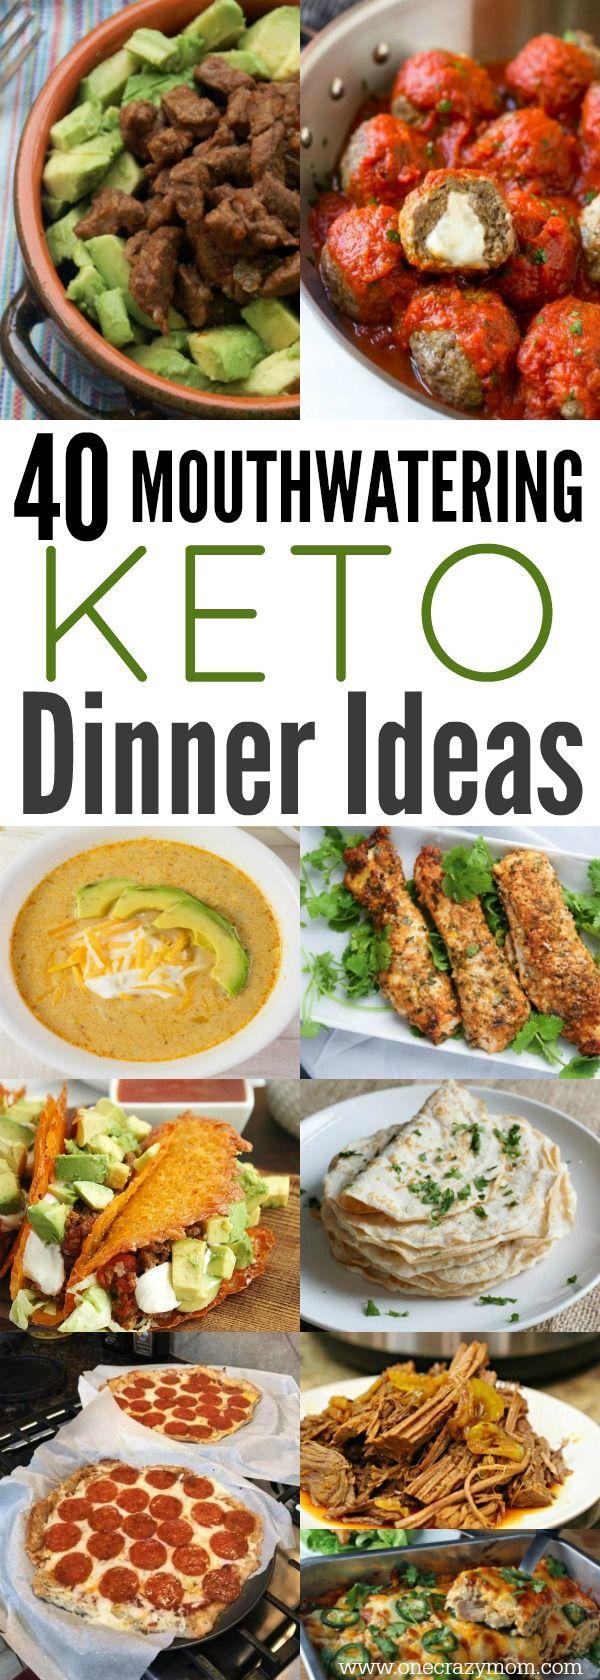 Easy Keto Dinner Ideas – 40 Easy Keto Dinner Recipes